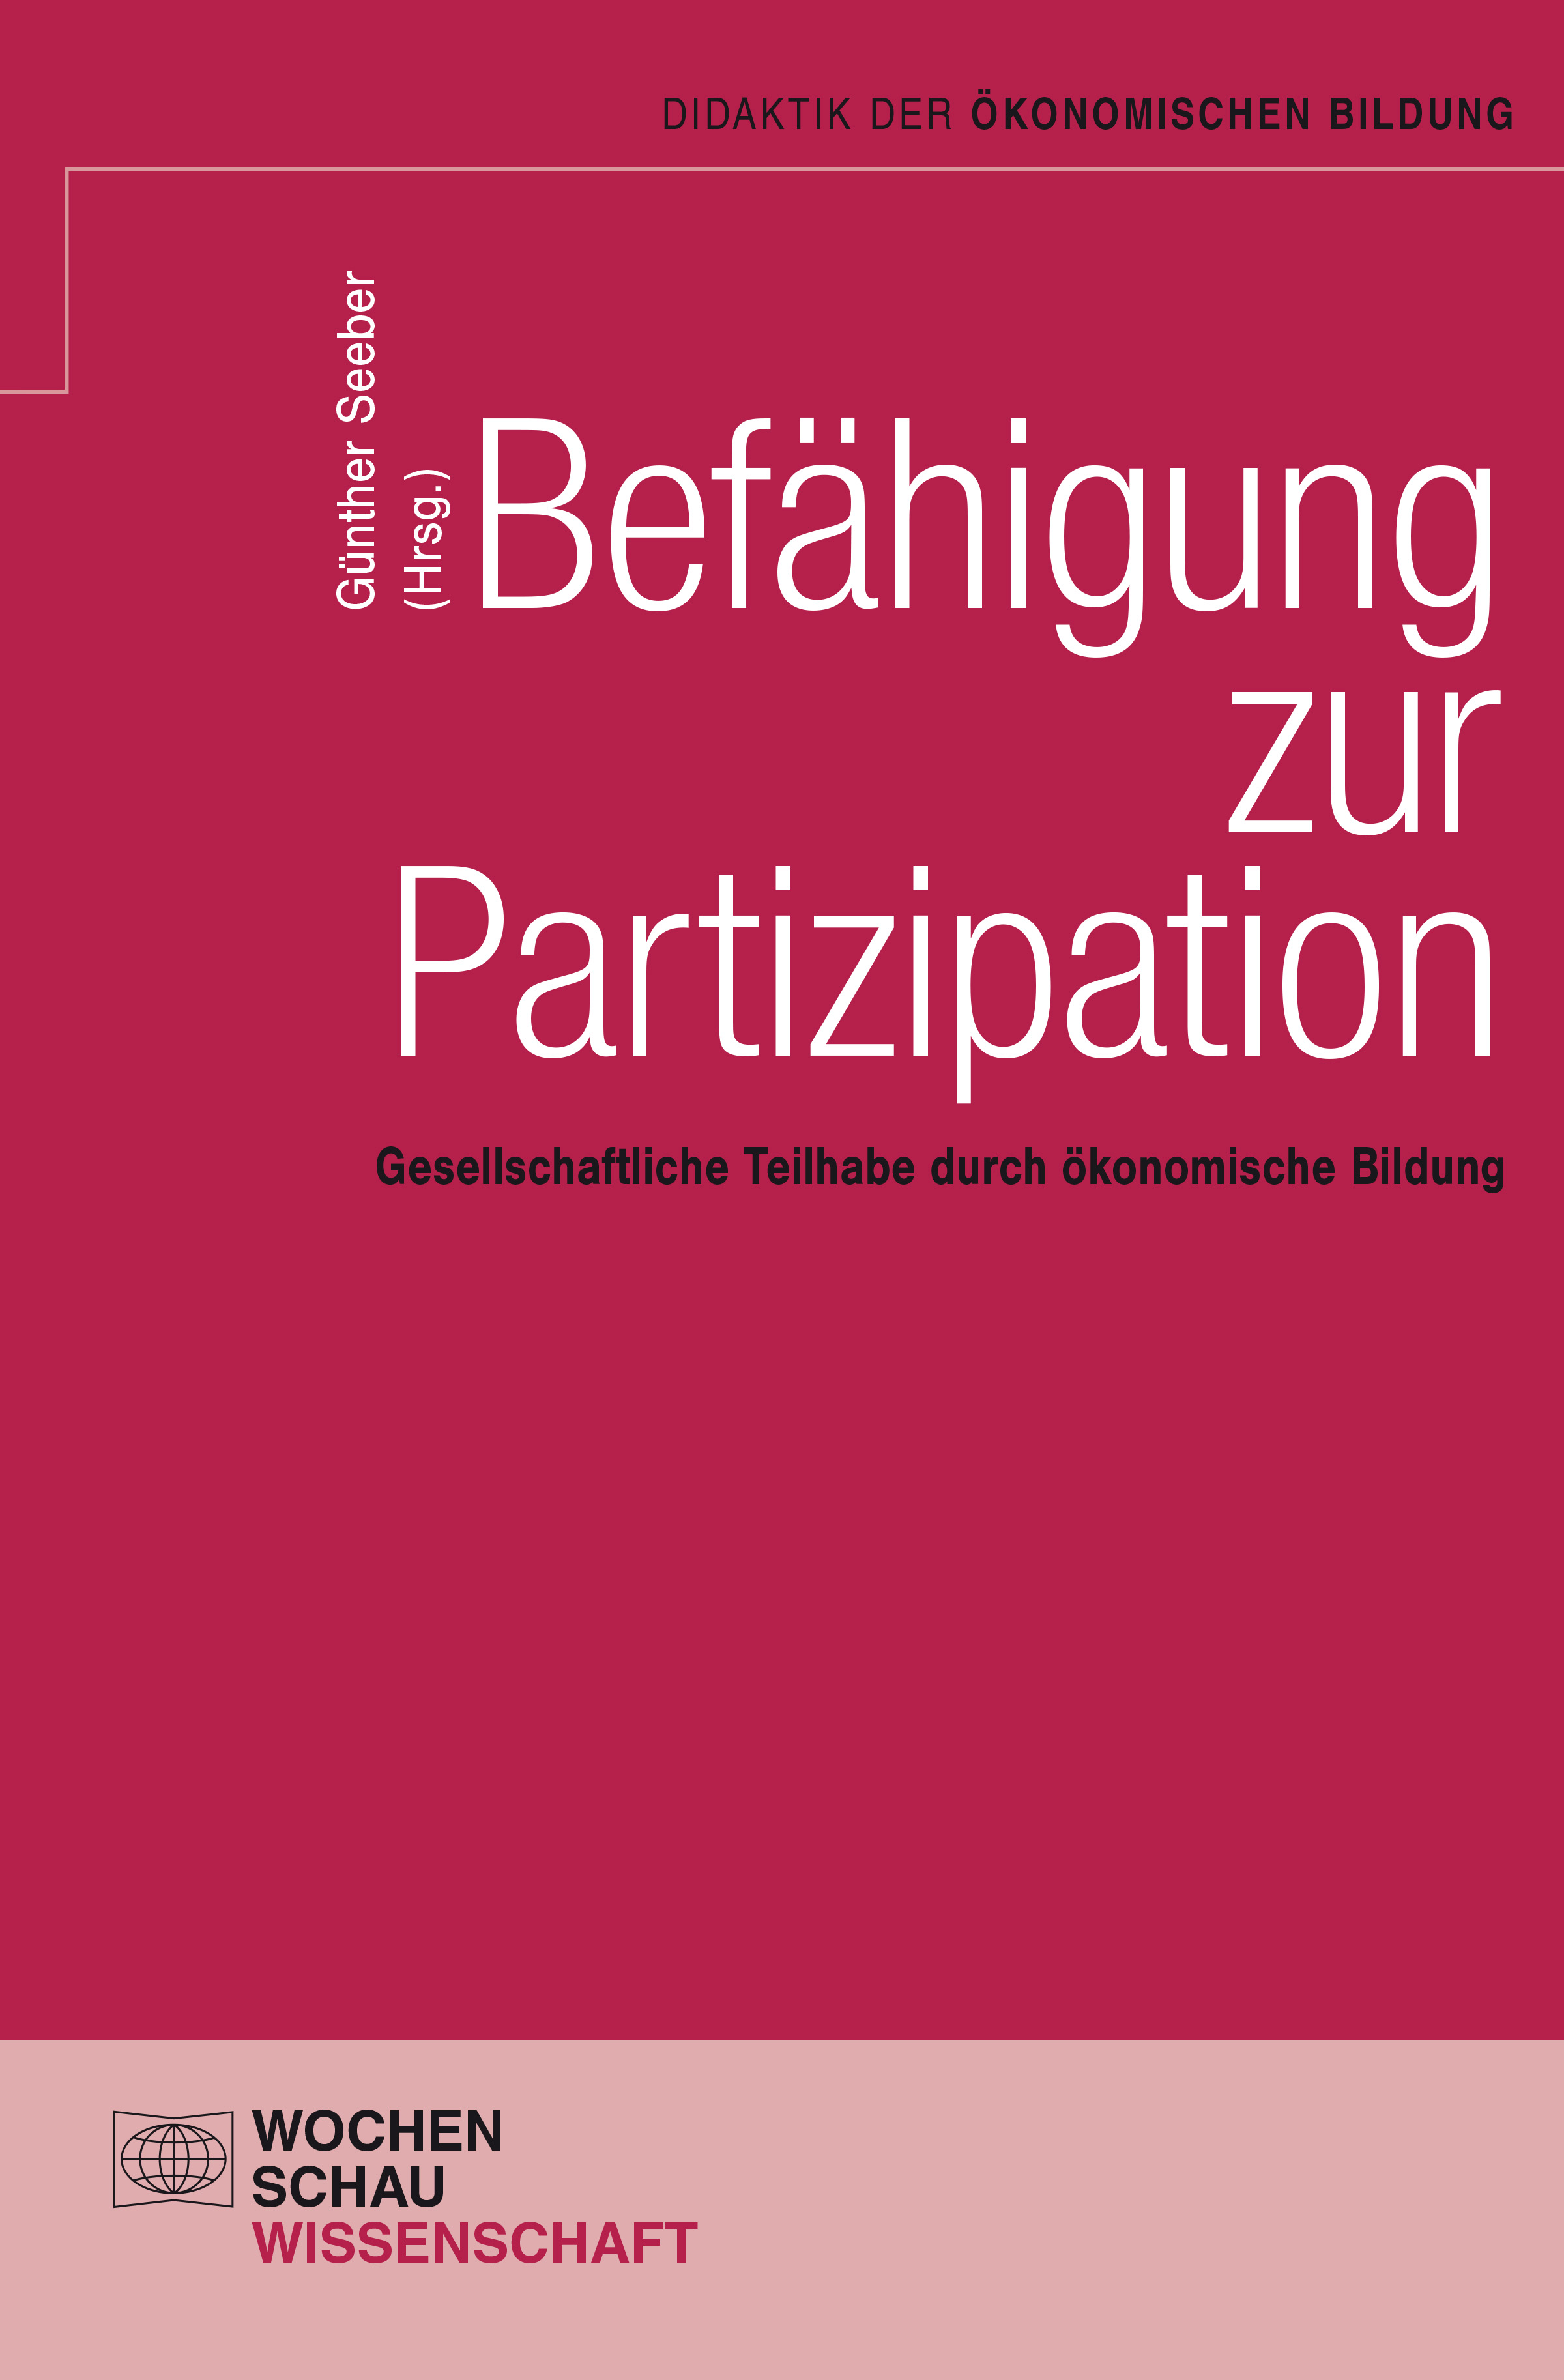 Befähigung zur Partizipation - Gesellschaftliche Teilhabe durch ökonomische Bildung